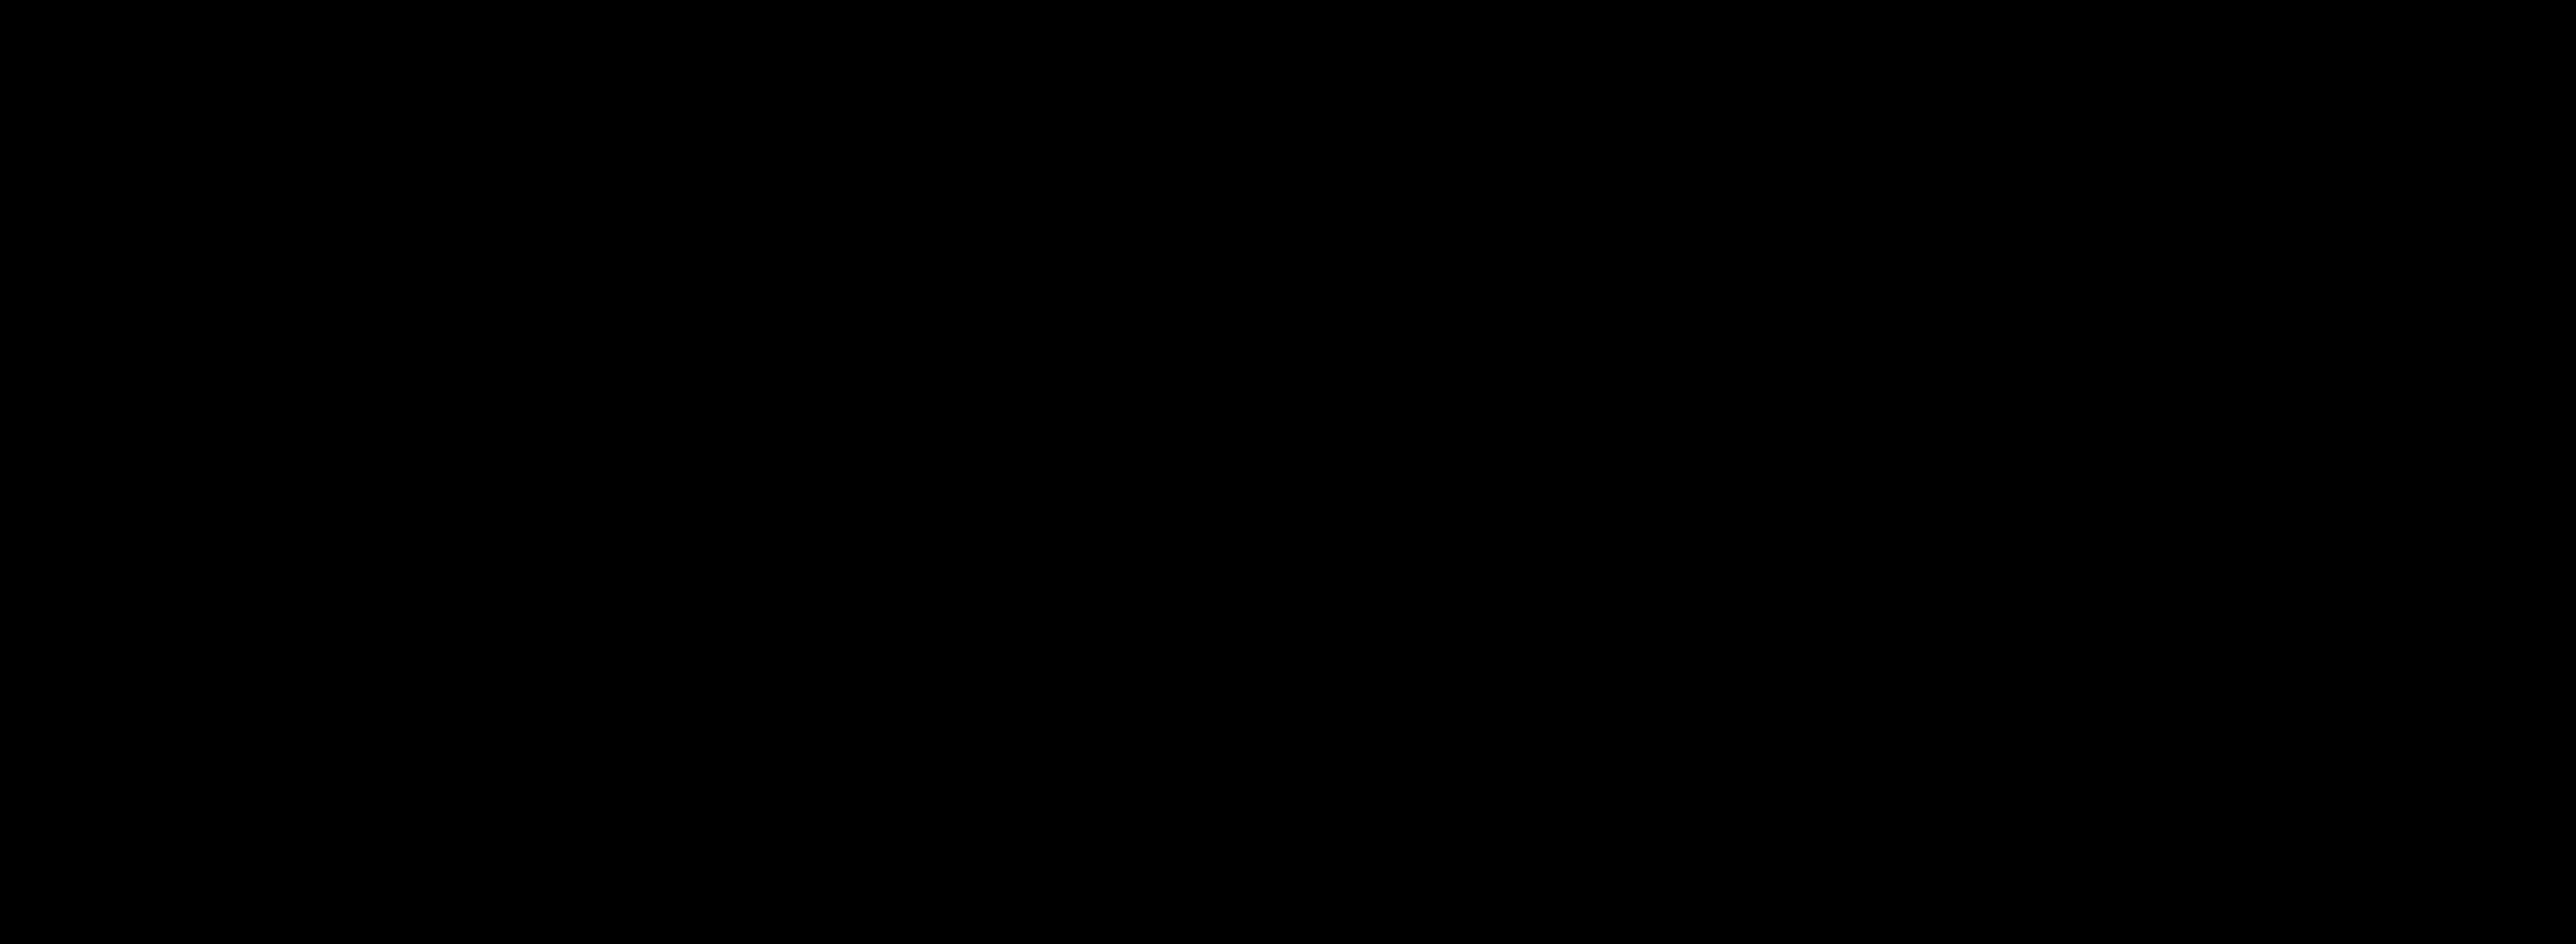 地下鉄東山線「今池駅」より徒歩5分のこだわりの創作料理・割烹居酒屋『さゝ(ささ)』